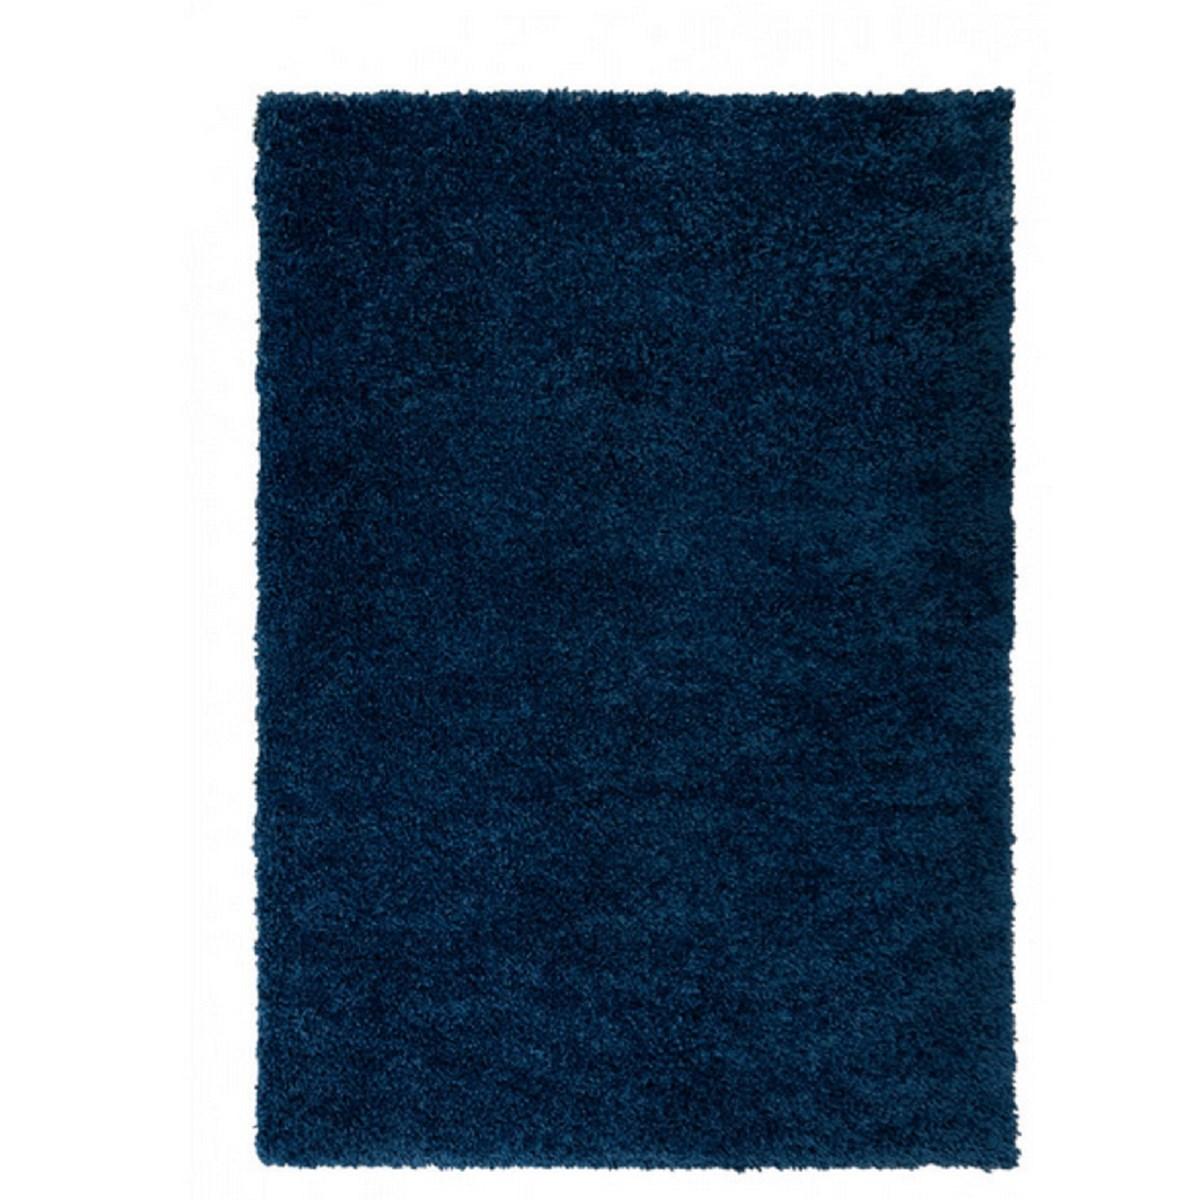 Tapis shaggy en Polypropylène Bleu 60x110 cm